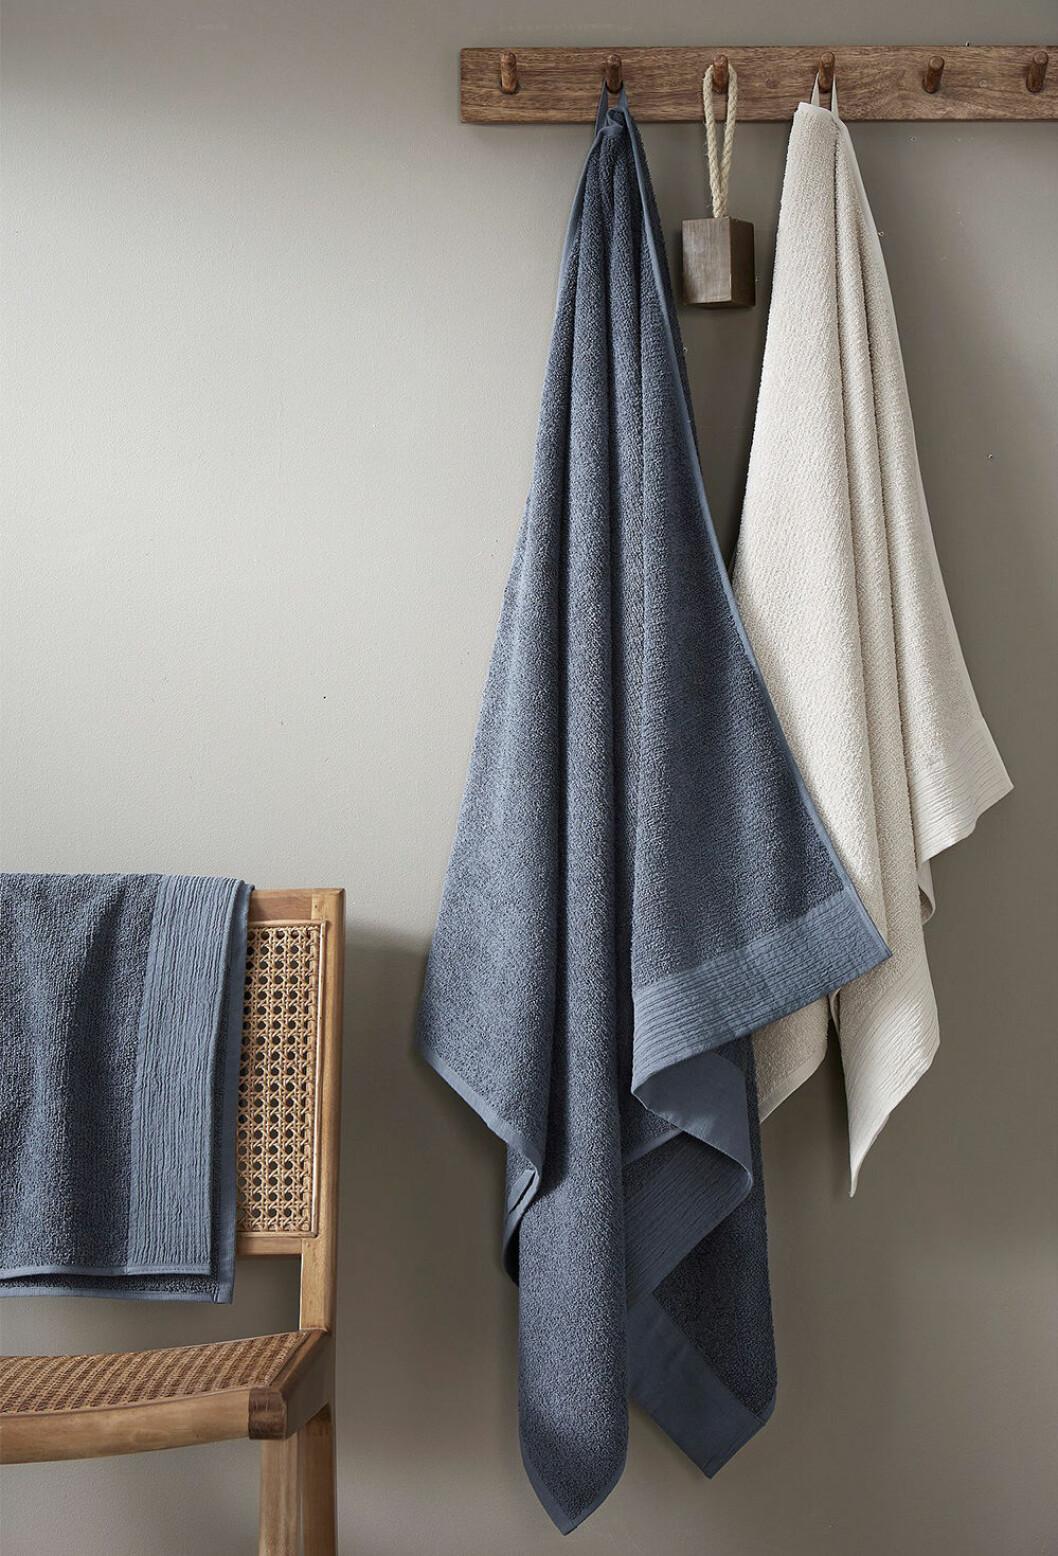 handduk i bomull och lin från Ellos Home